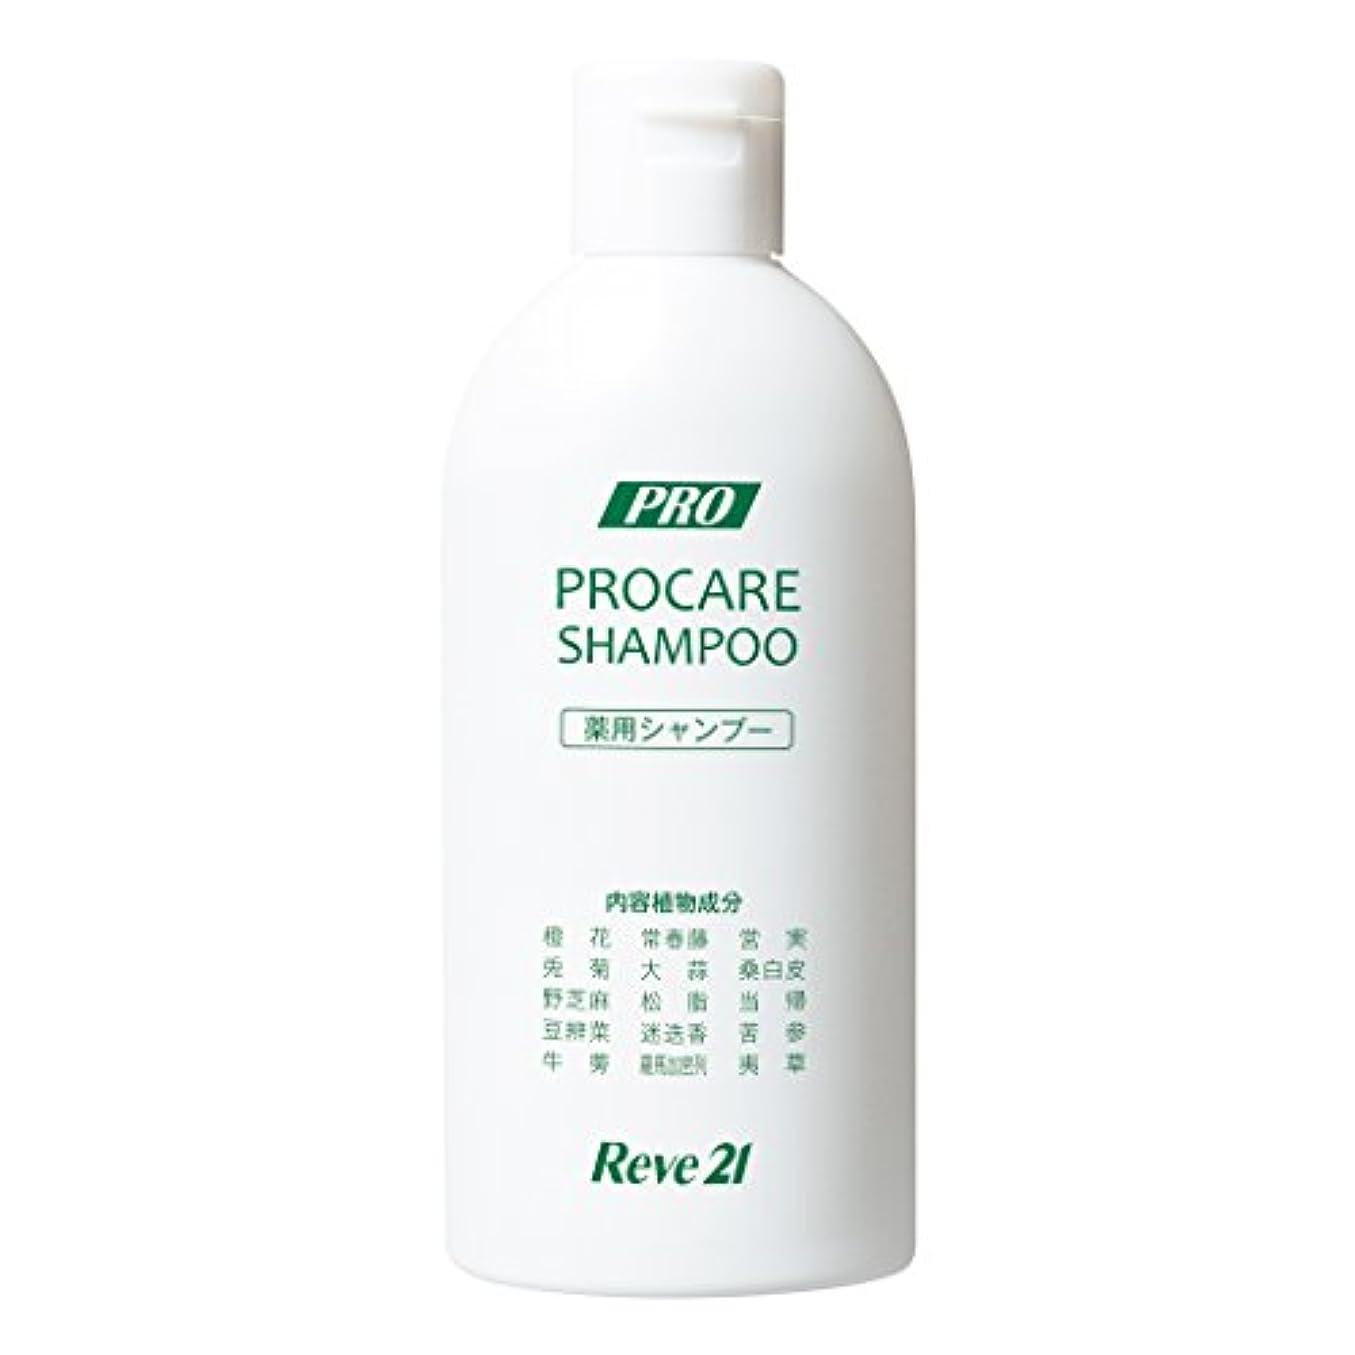 リーブ21 薬用プロケアシャンプー 200ml[医薬部外品] 育毛 発毛 育毛シャンプー